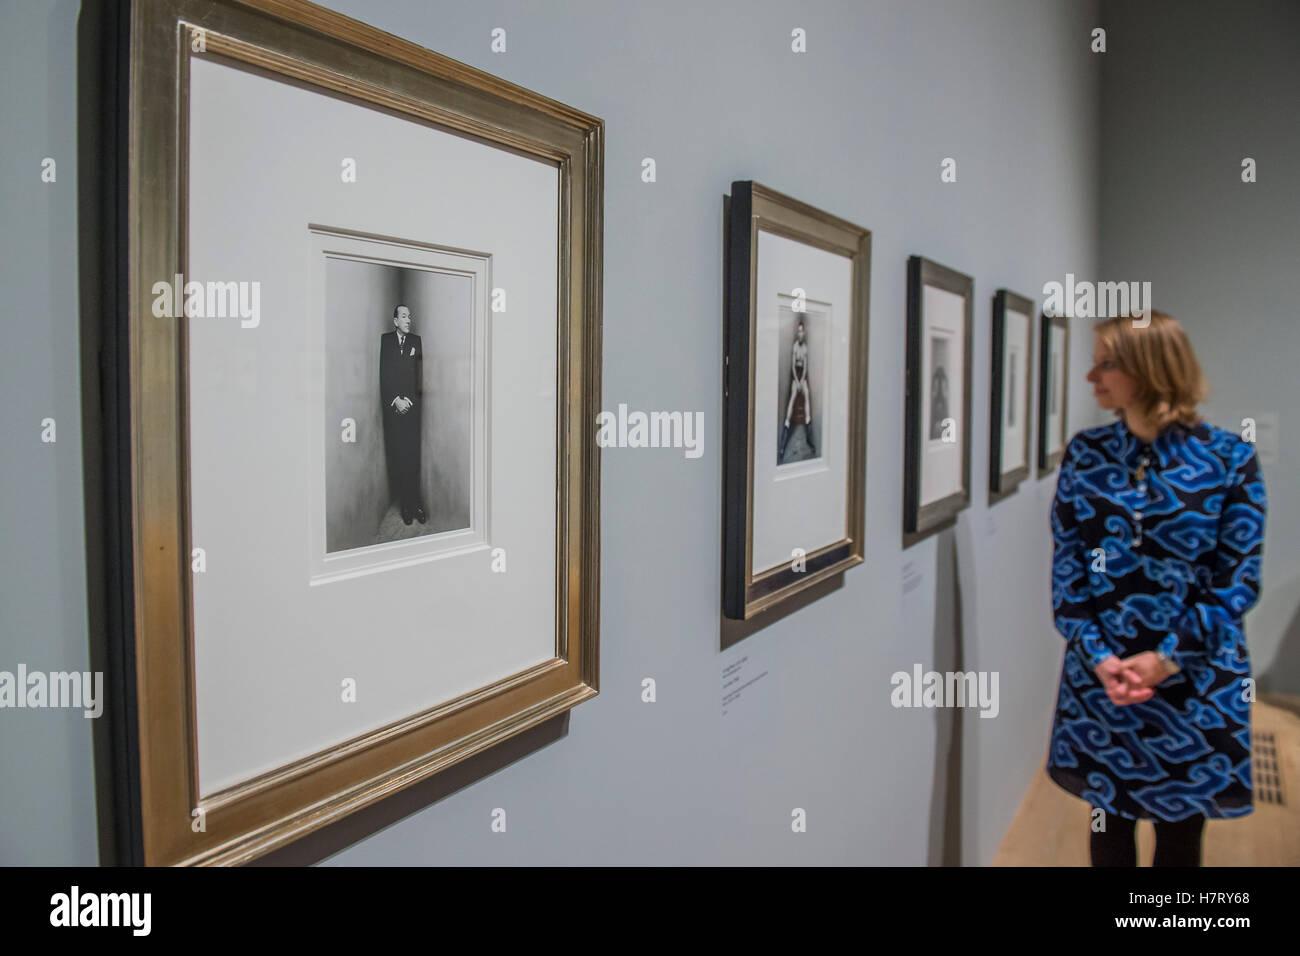 Londres, Reino Unido. 8 nov, 2016. Noel Coward, en la esquina de la serie de retratos de Irving Penn - El Ojo radical: Foto de stock